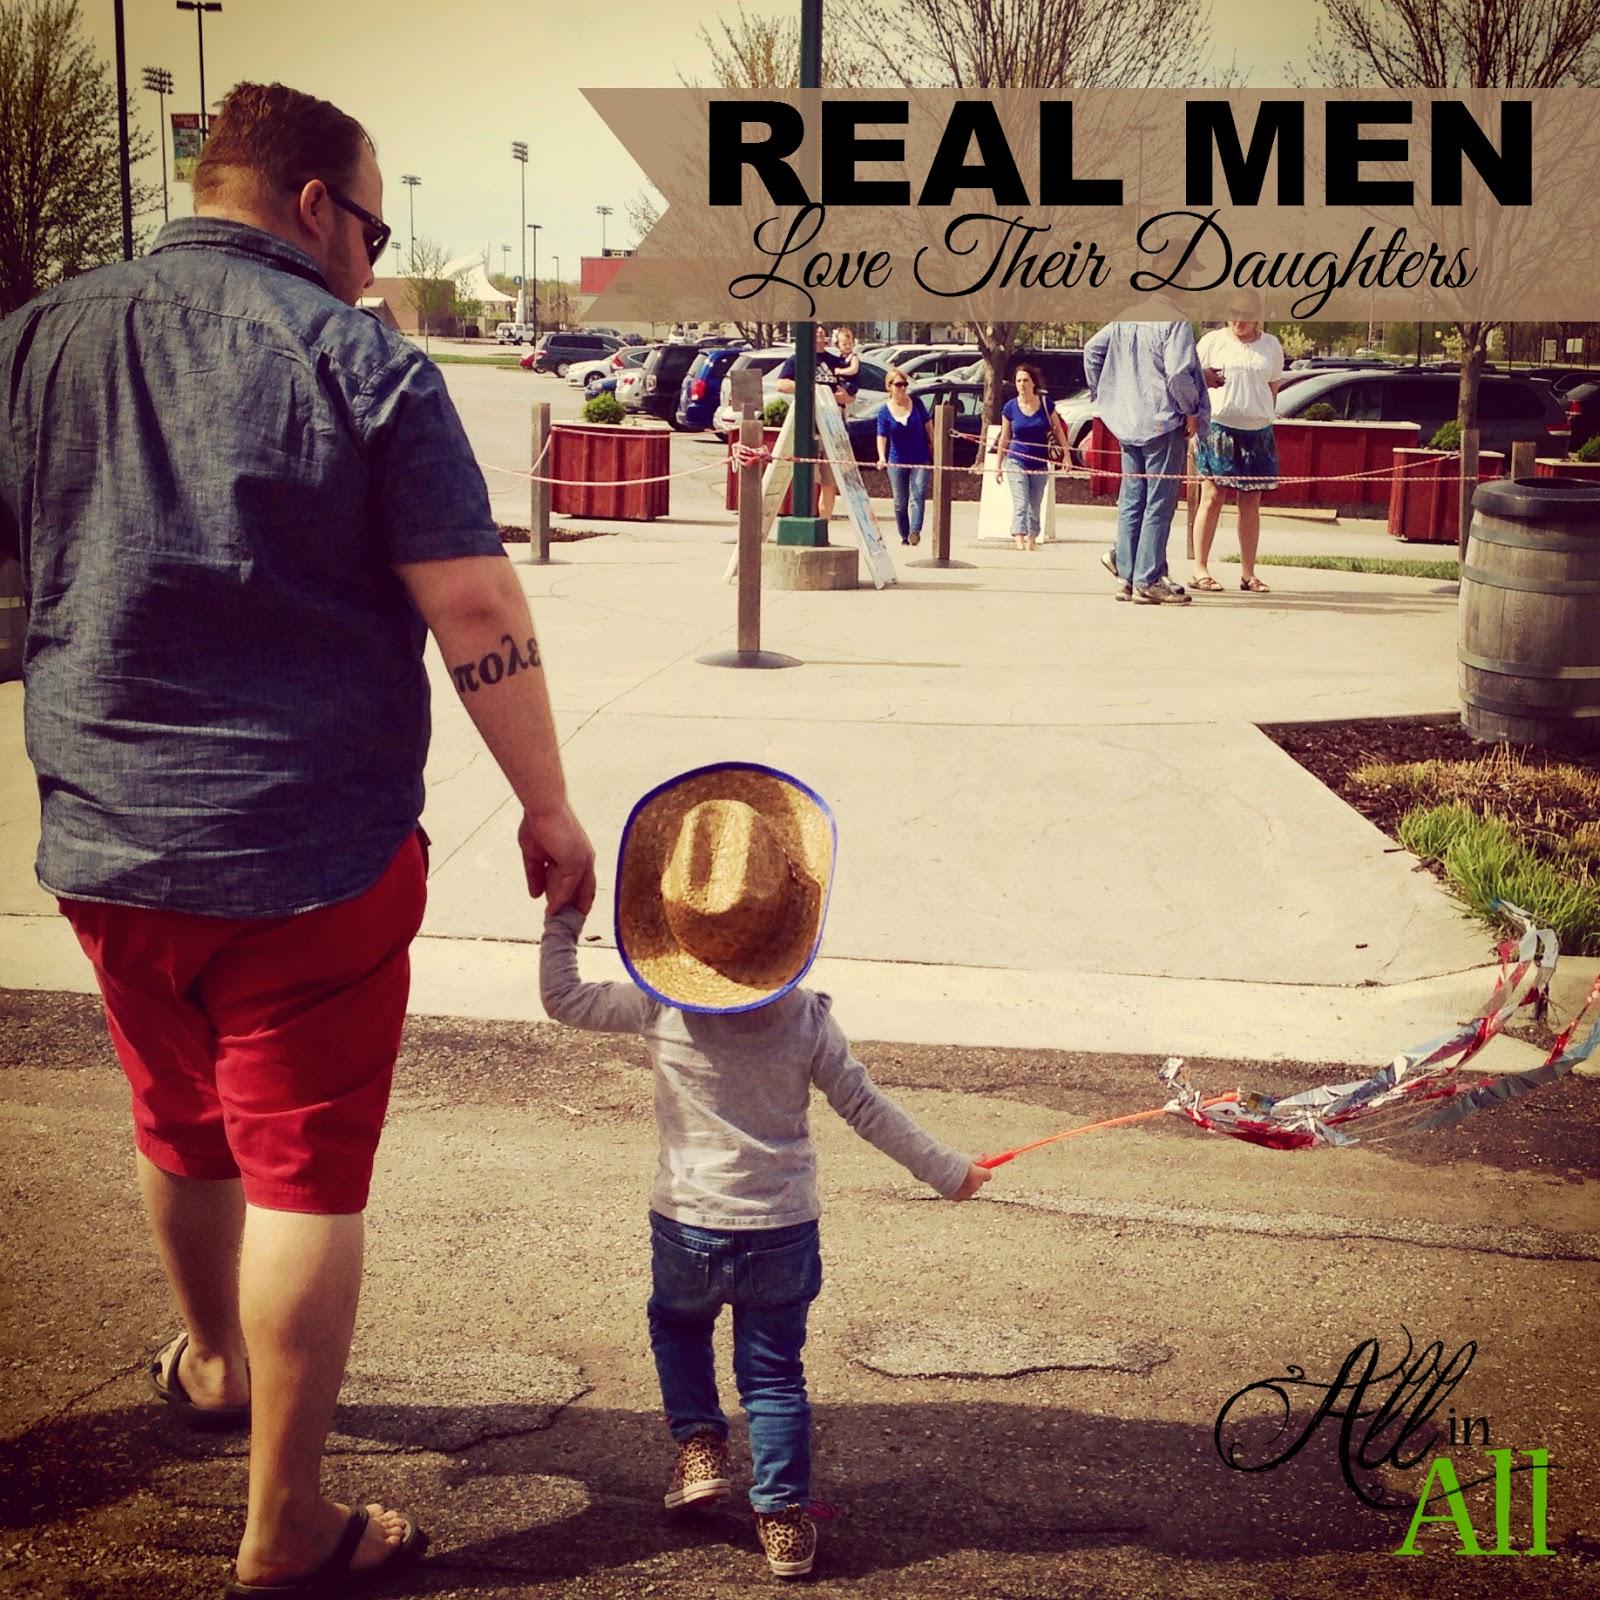 Real Men Love Their Daughters